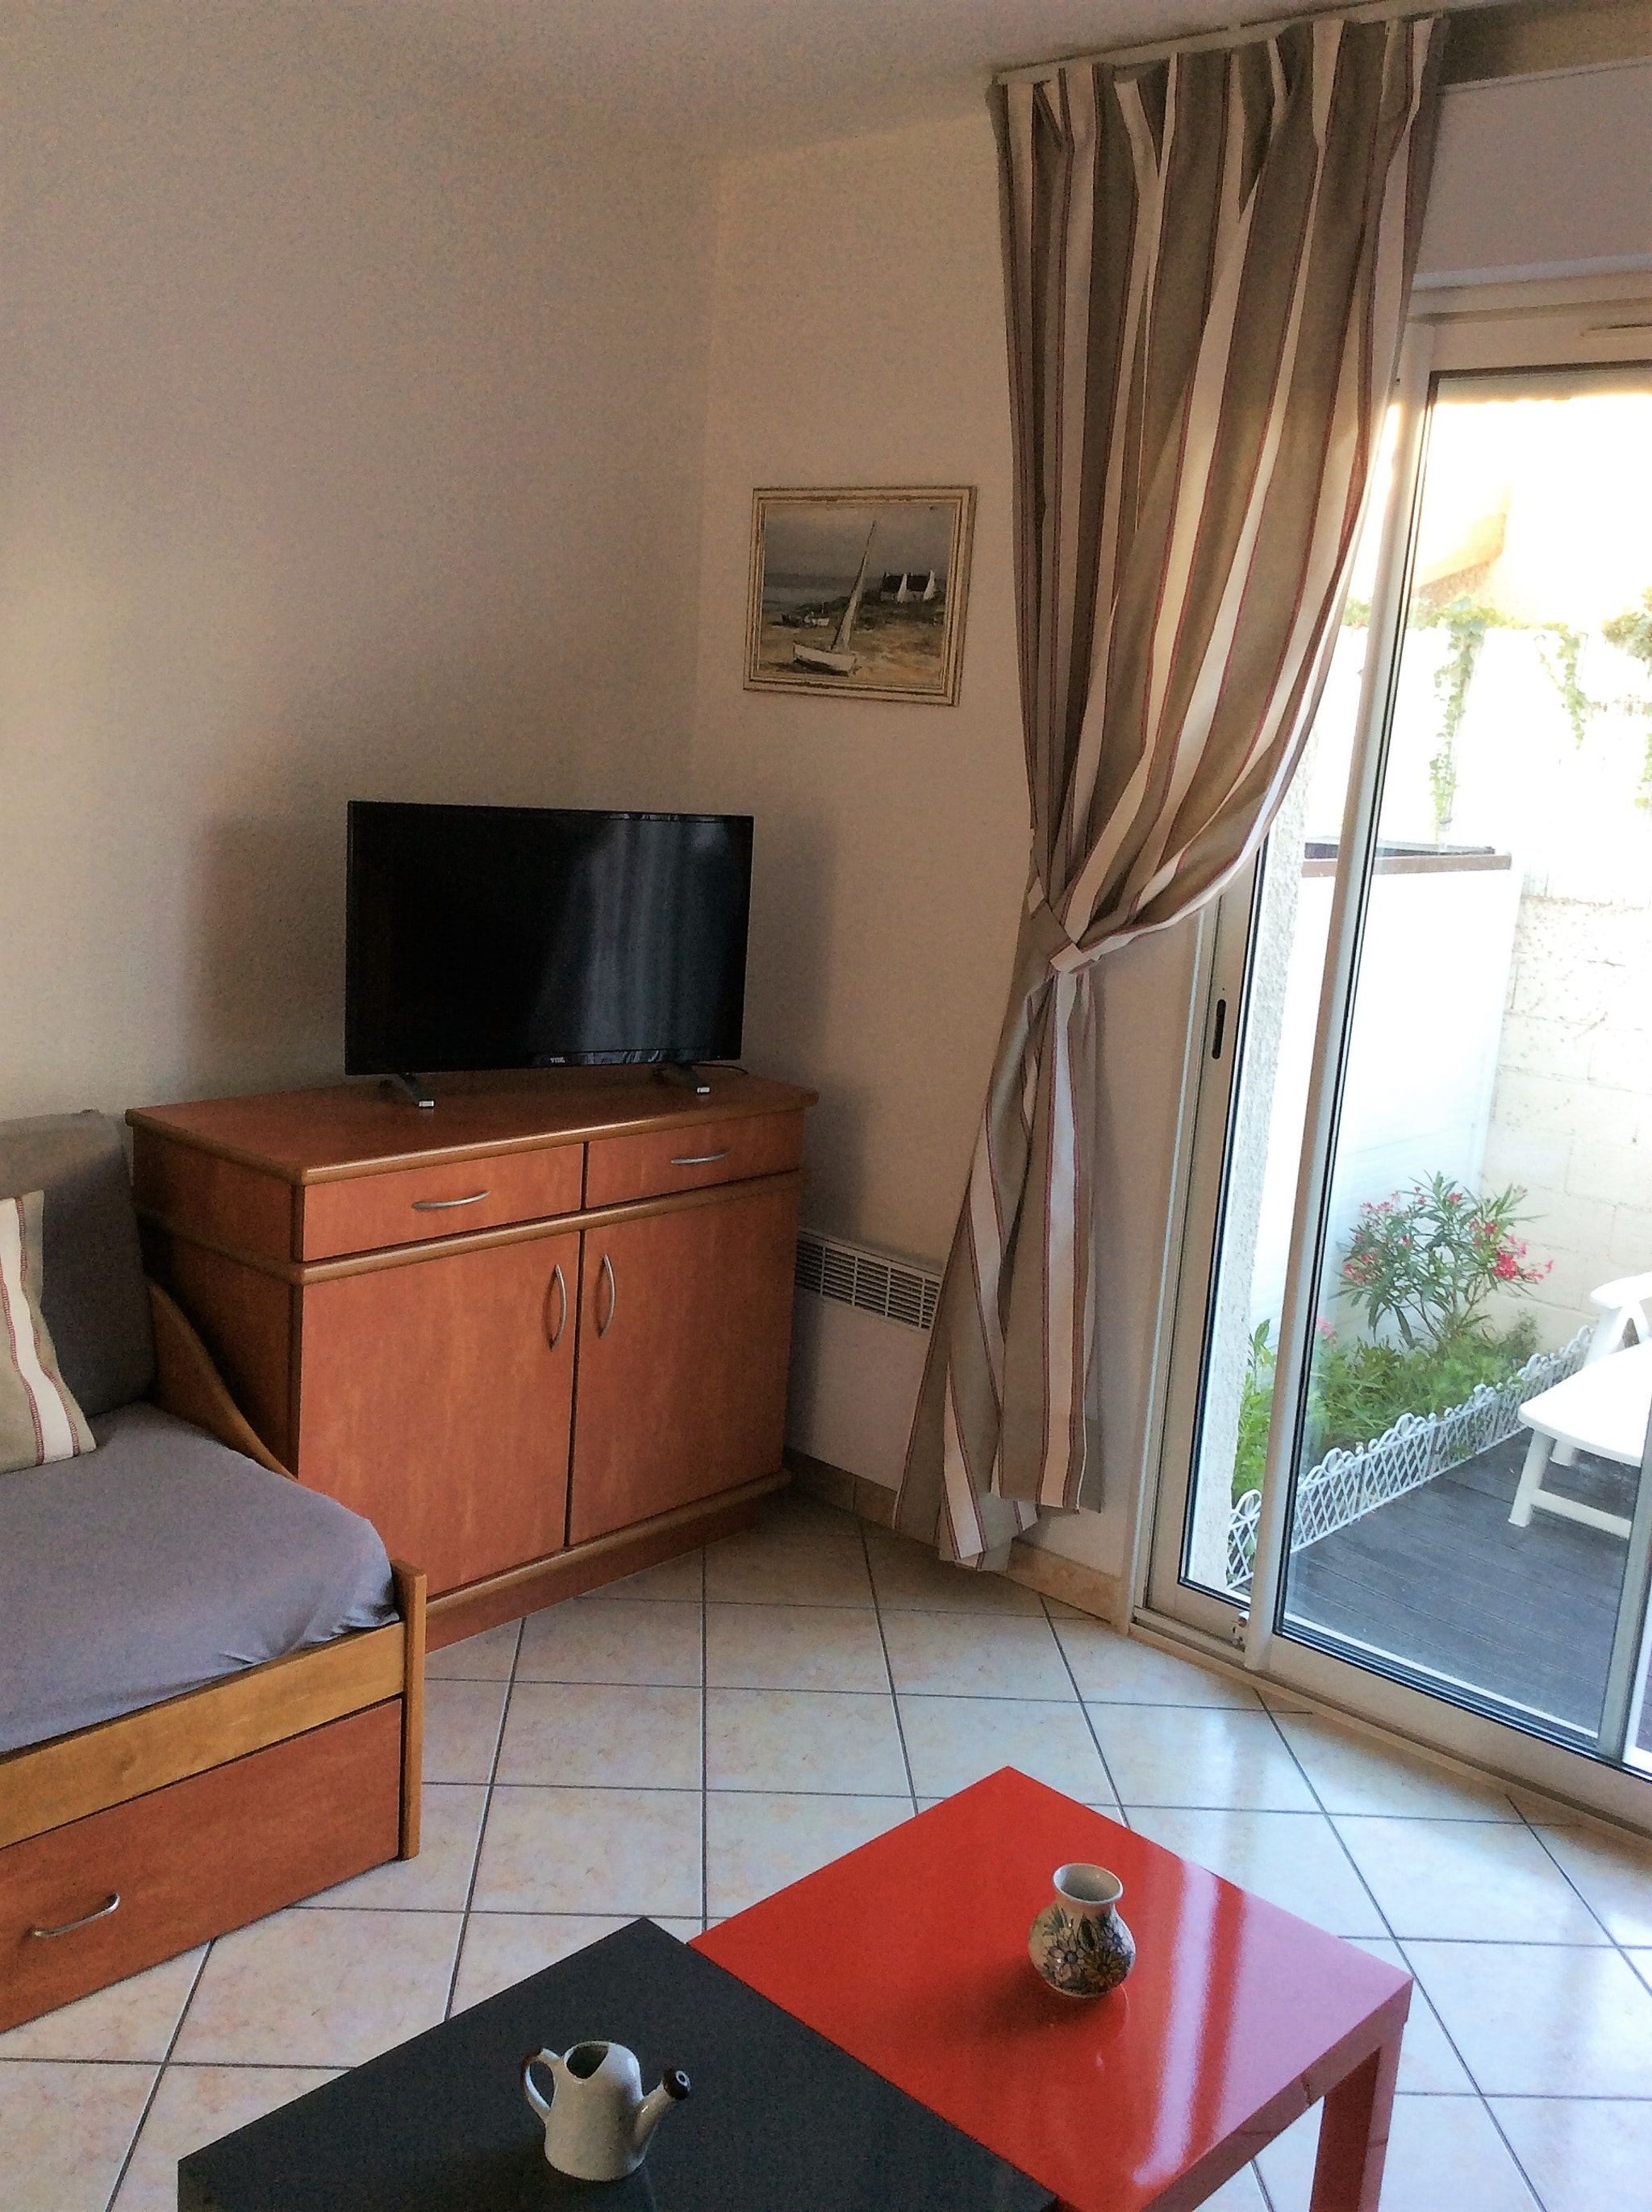 Ferienhaus Villa mit 2 Zimmern in Valras-Plage mit Pool und eingezäuntem Garten - 50 m vom Strand ent (2218190), Valras Plage, Mittelmeerküste Hérault, Languedoc-Roussillon, Frankreich, Bild 6